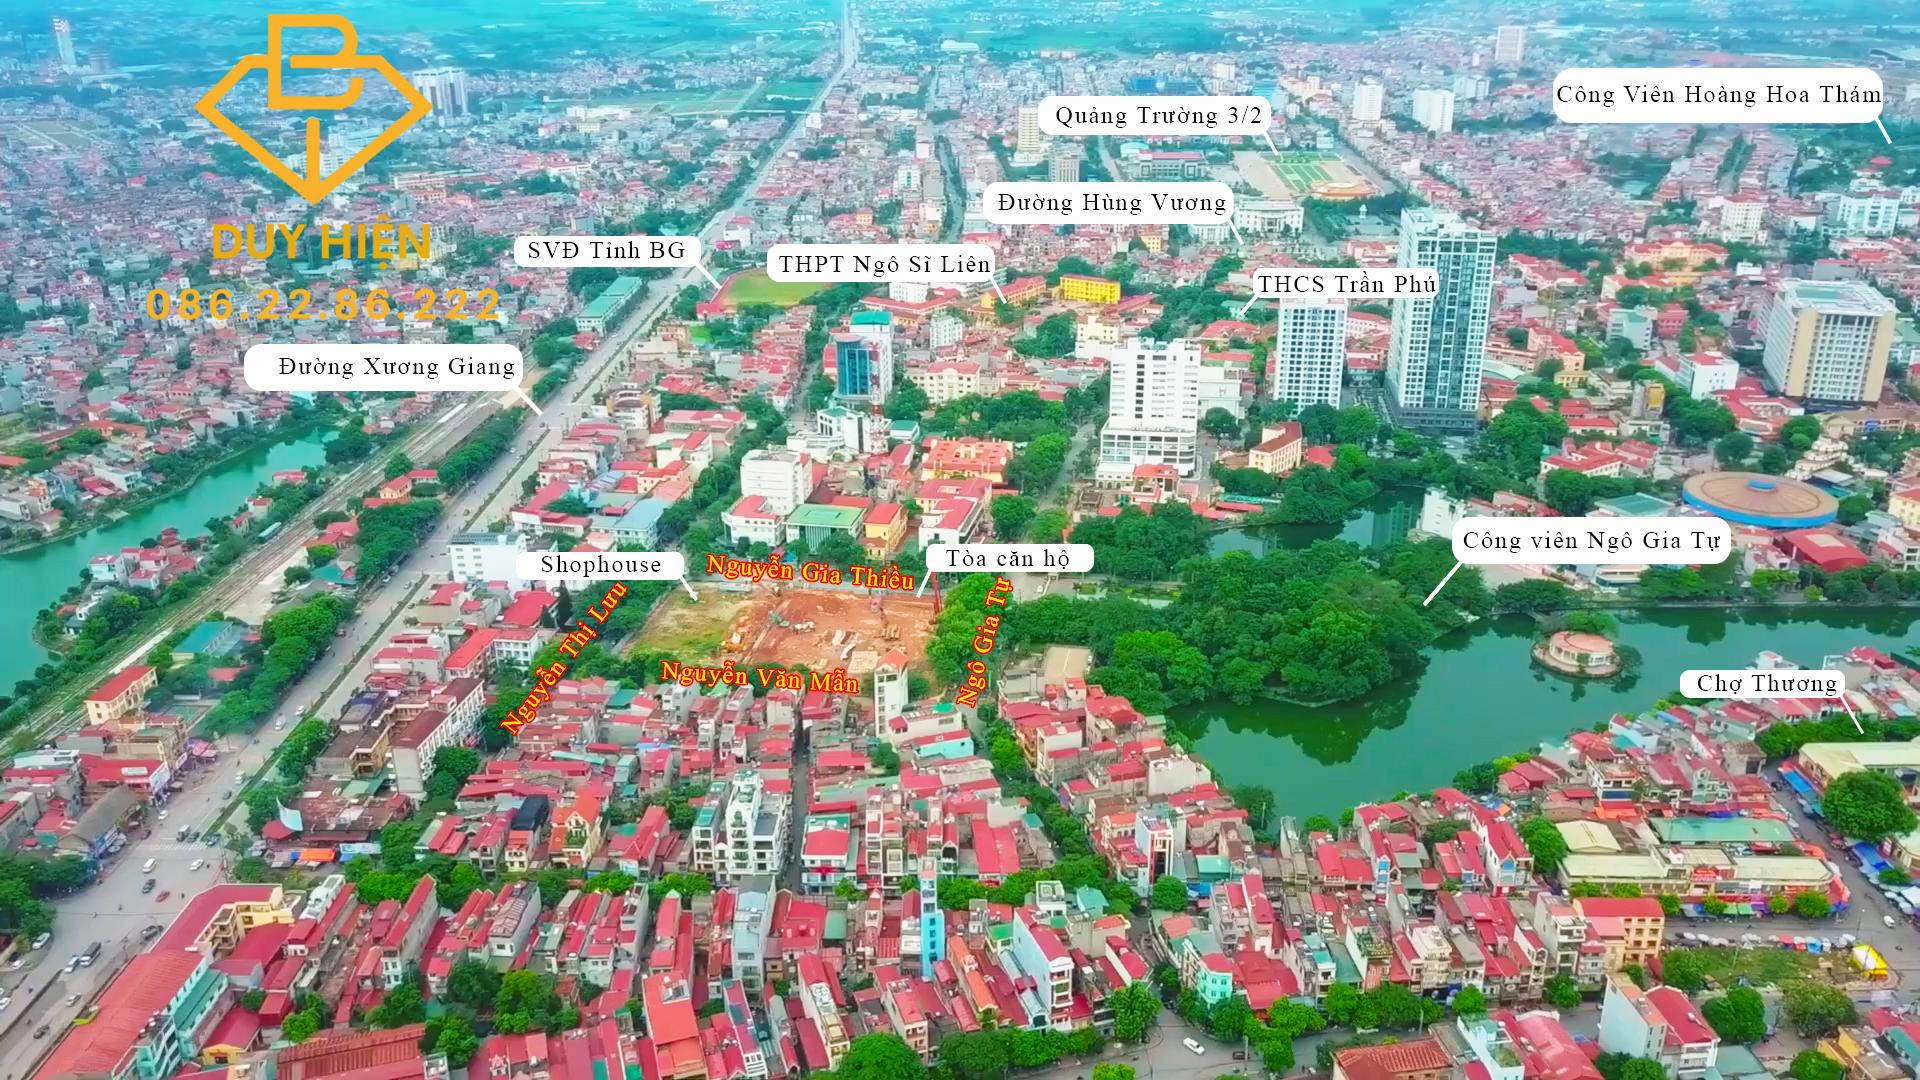 Vị trí Vinhome Bắc Giang Sky Park với 4 mặt thoáng nhìn trọn thành phố